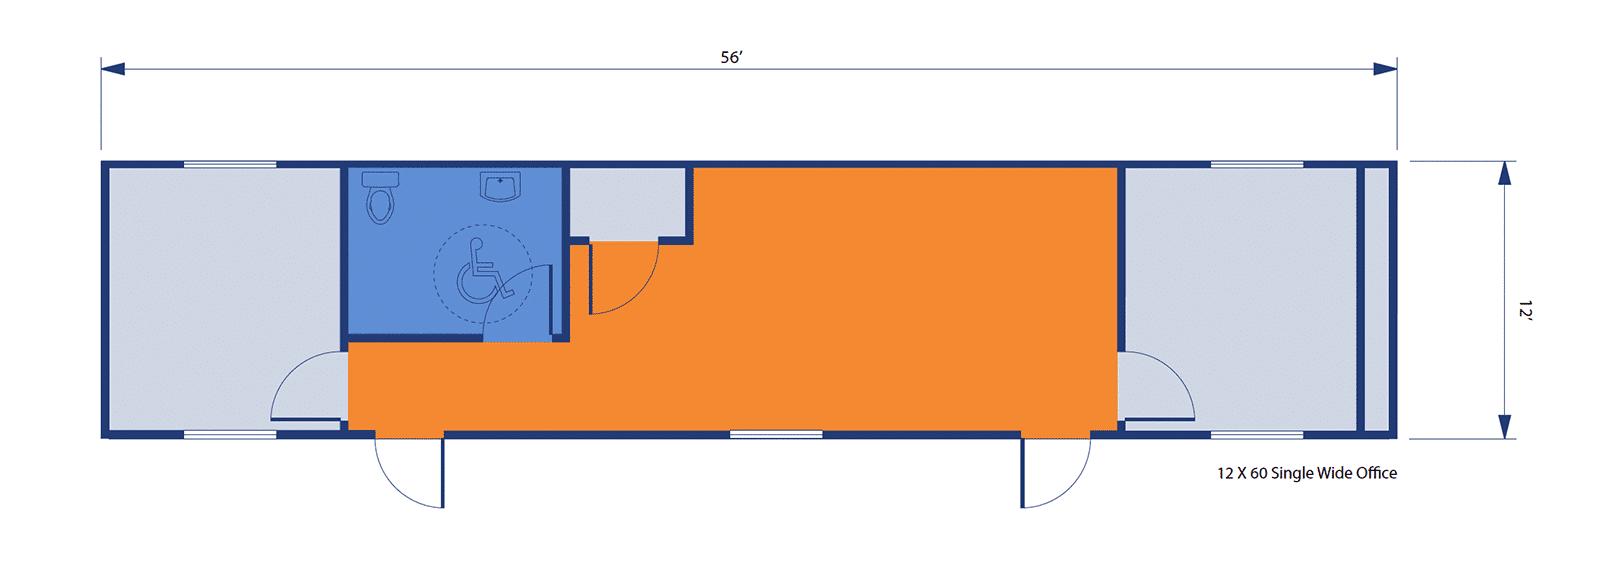 12'x60' Single-Wide Office floorplan